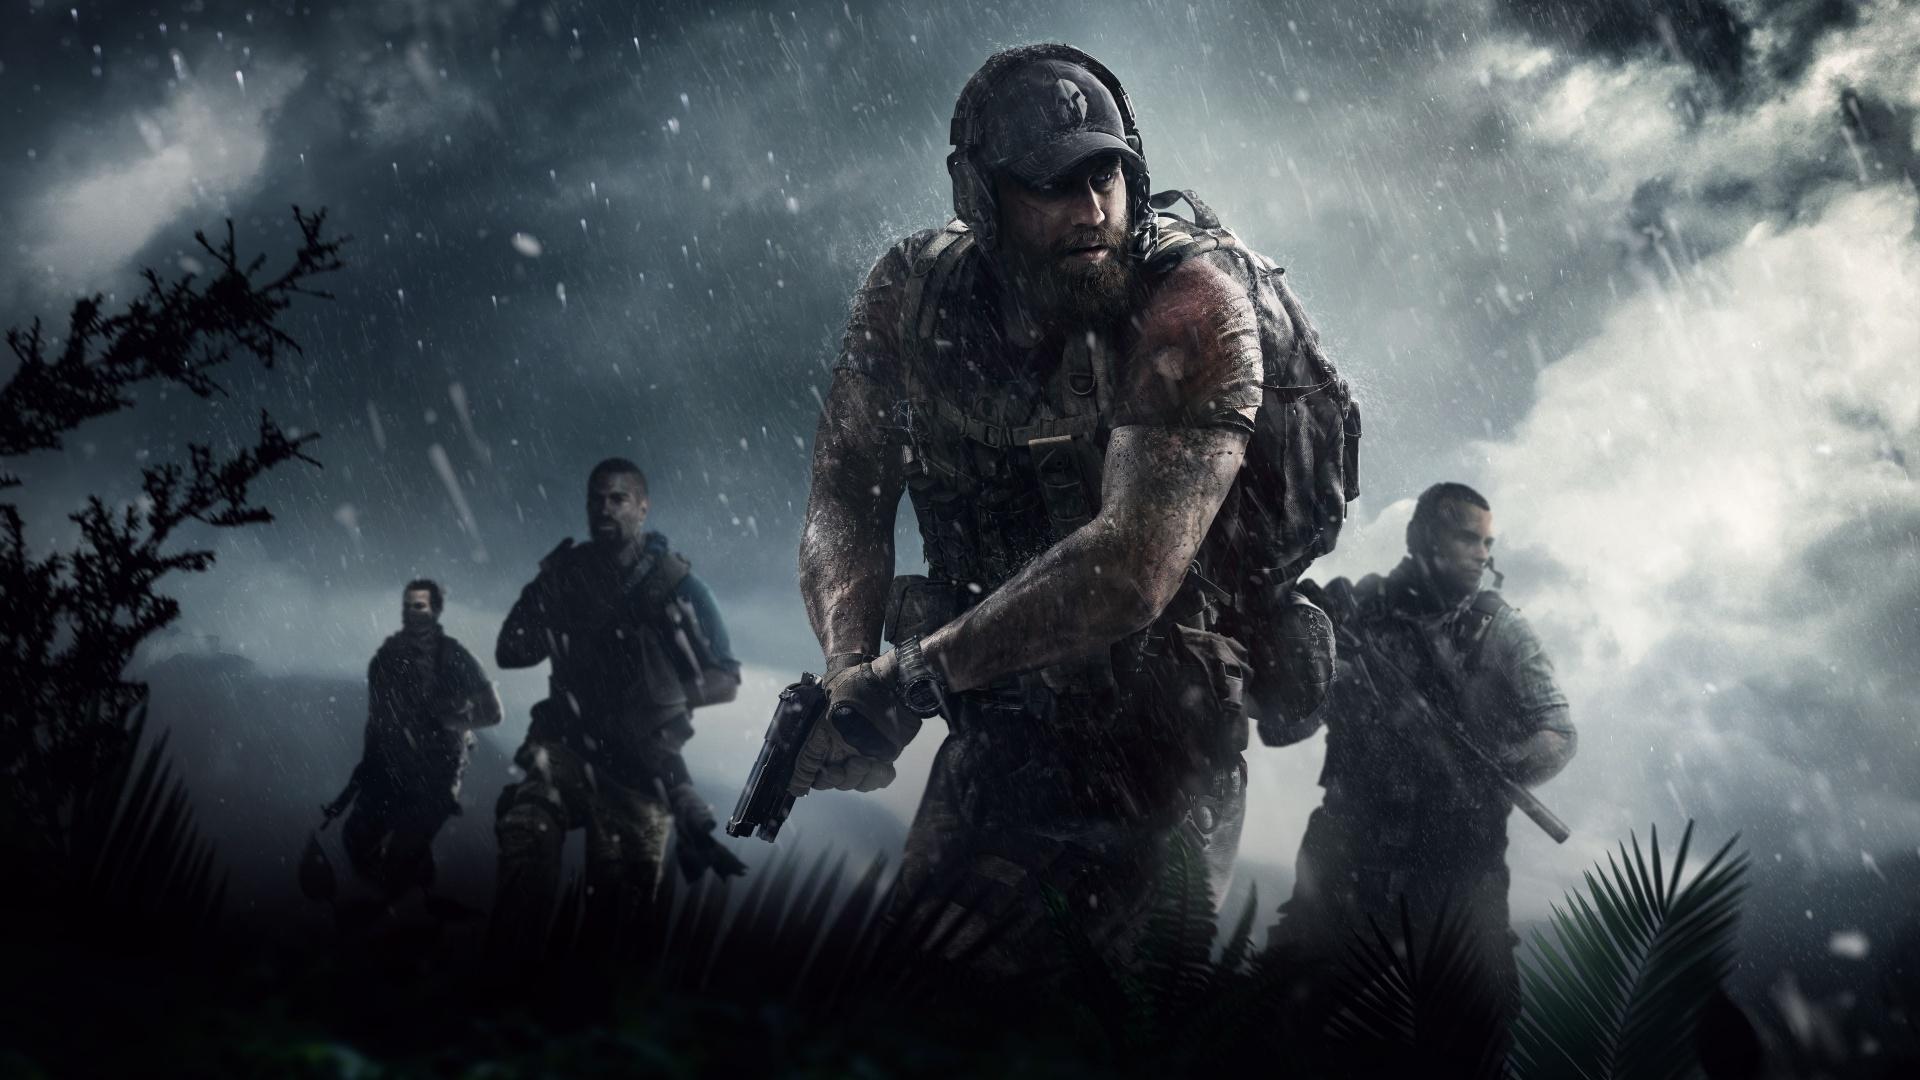 Tom Clancy's Ghost Recon - Tom Clancy's Ghost Recon: Wildlands